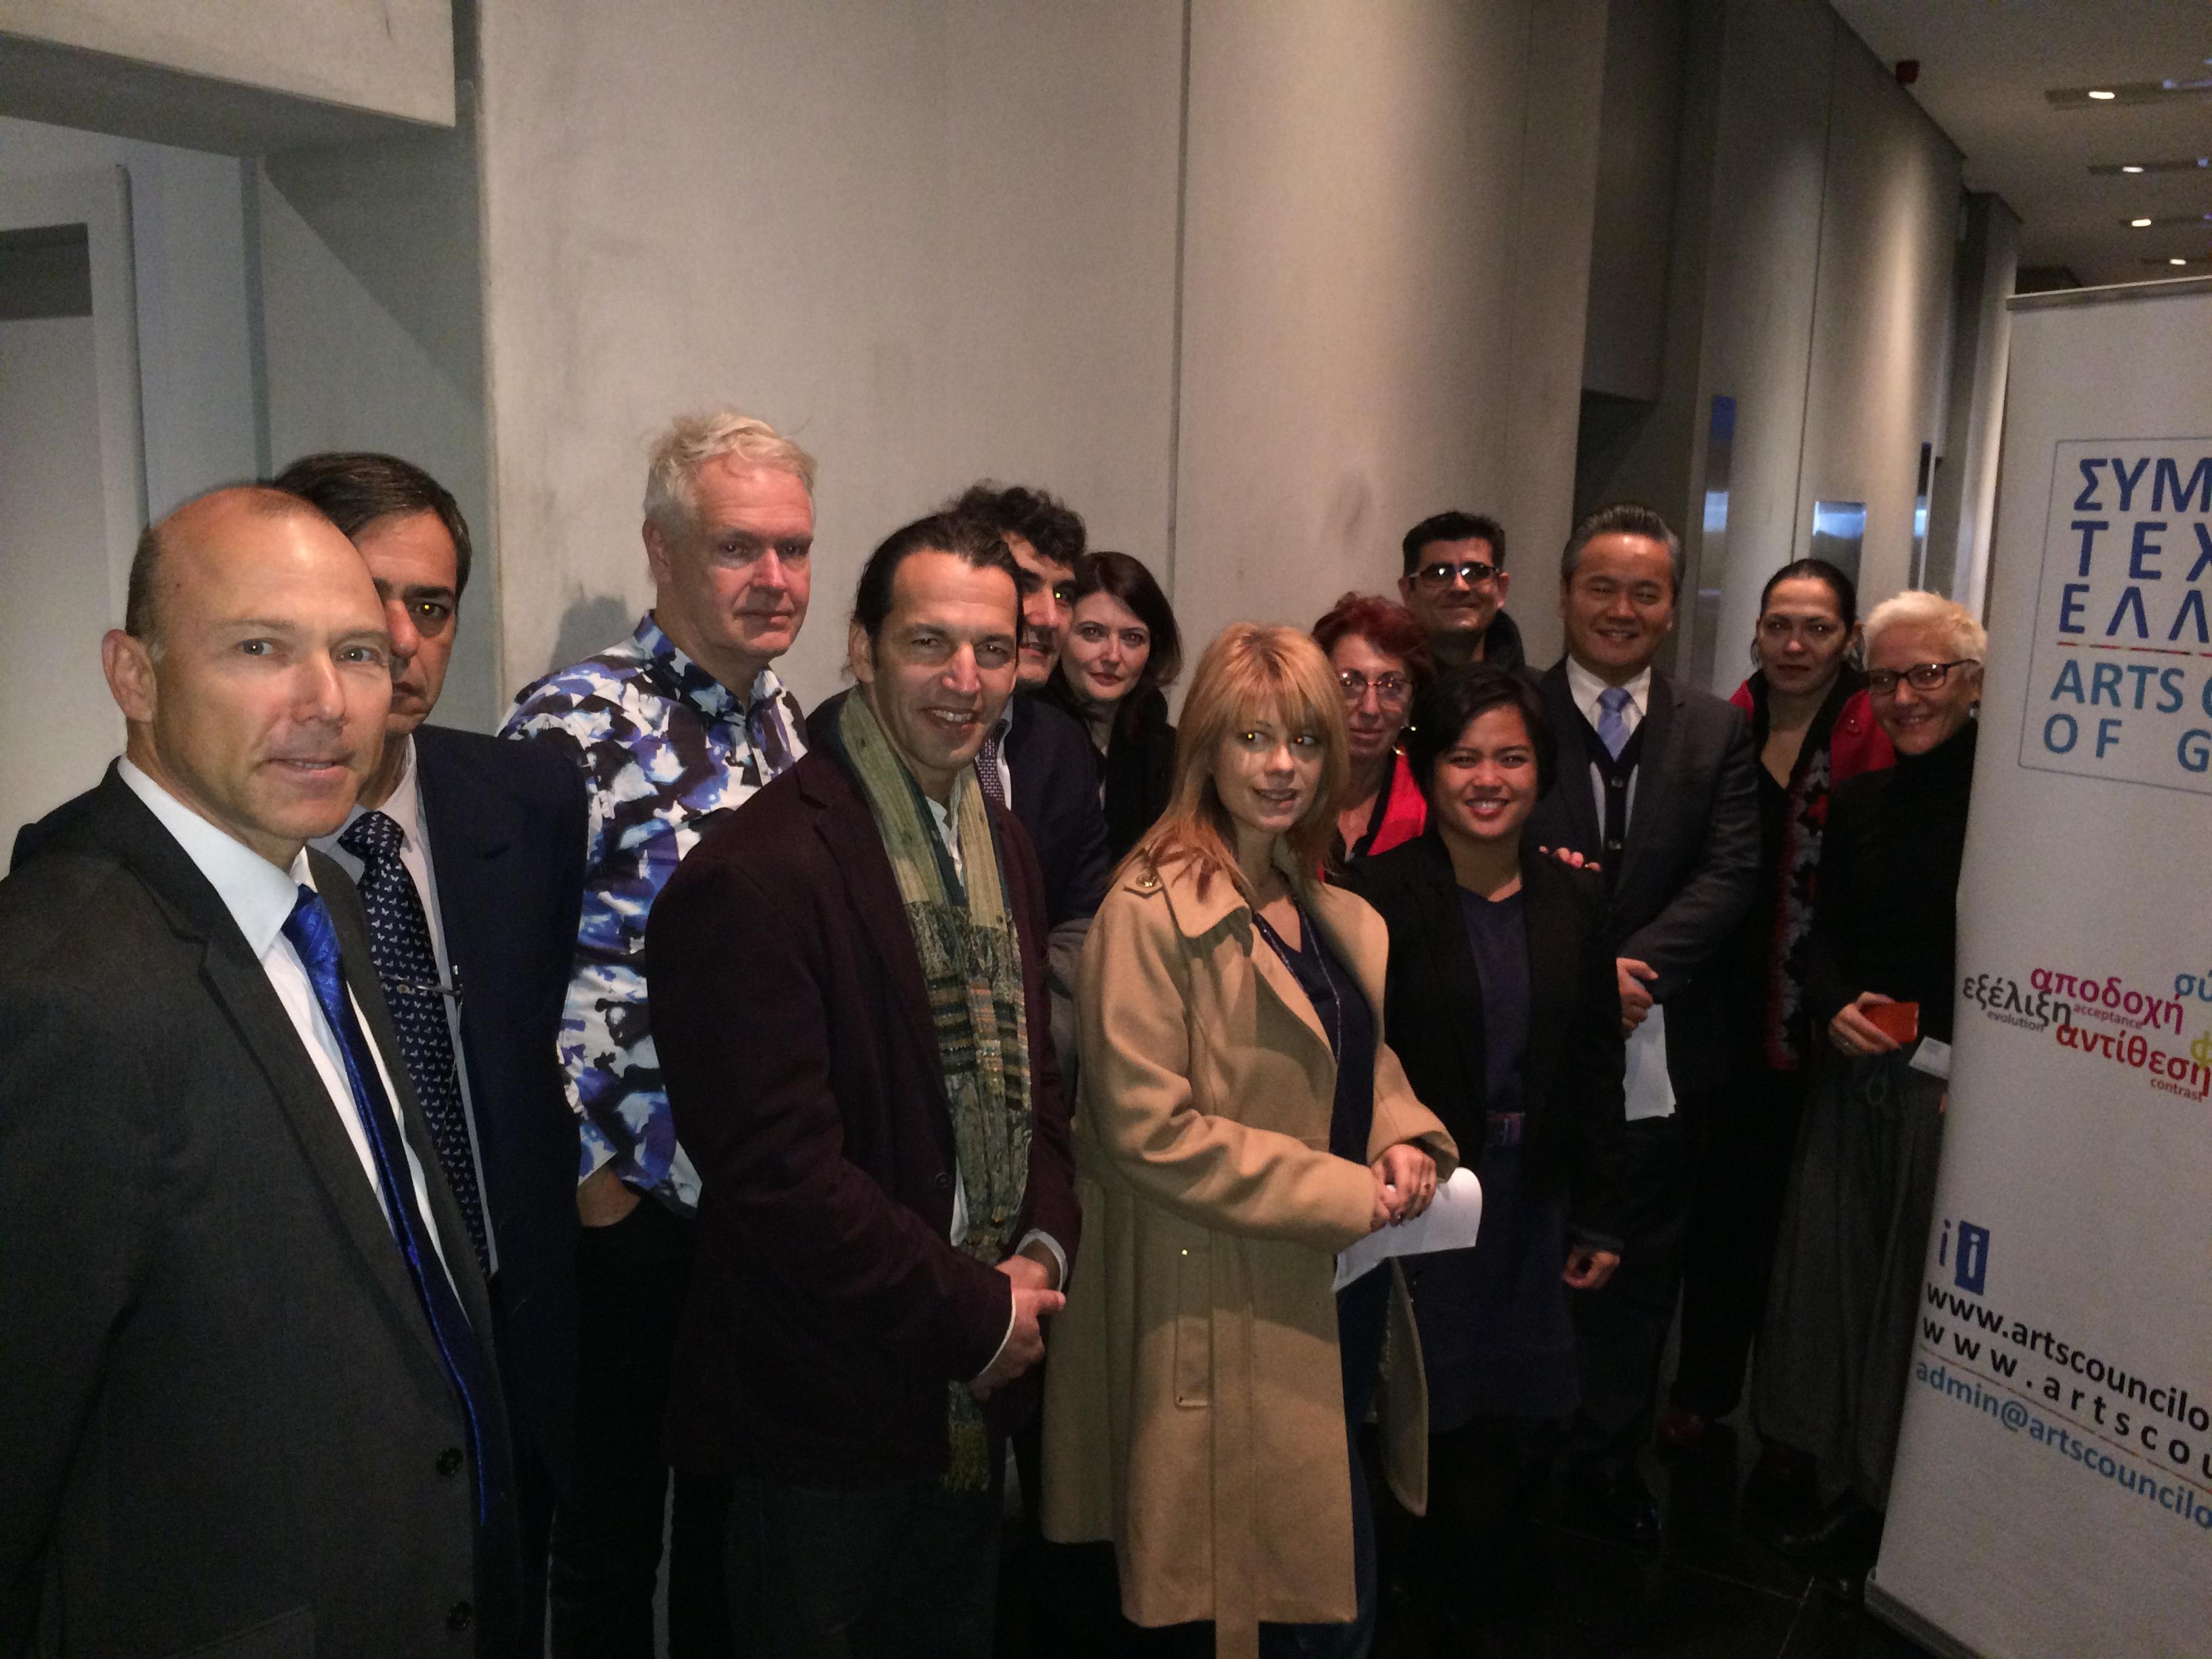 7ο Διεθνές Συνέδριο για την Πολιτιστική και Δημιουργική Οικονομία και Ανάπτυξη, Αθήνα 29-30 Νοεμβρίου 2016